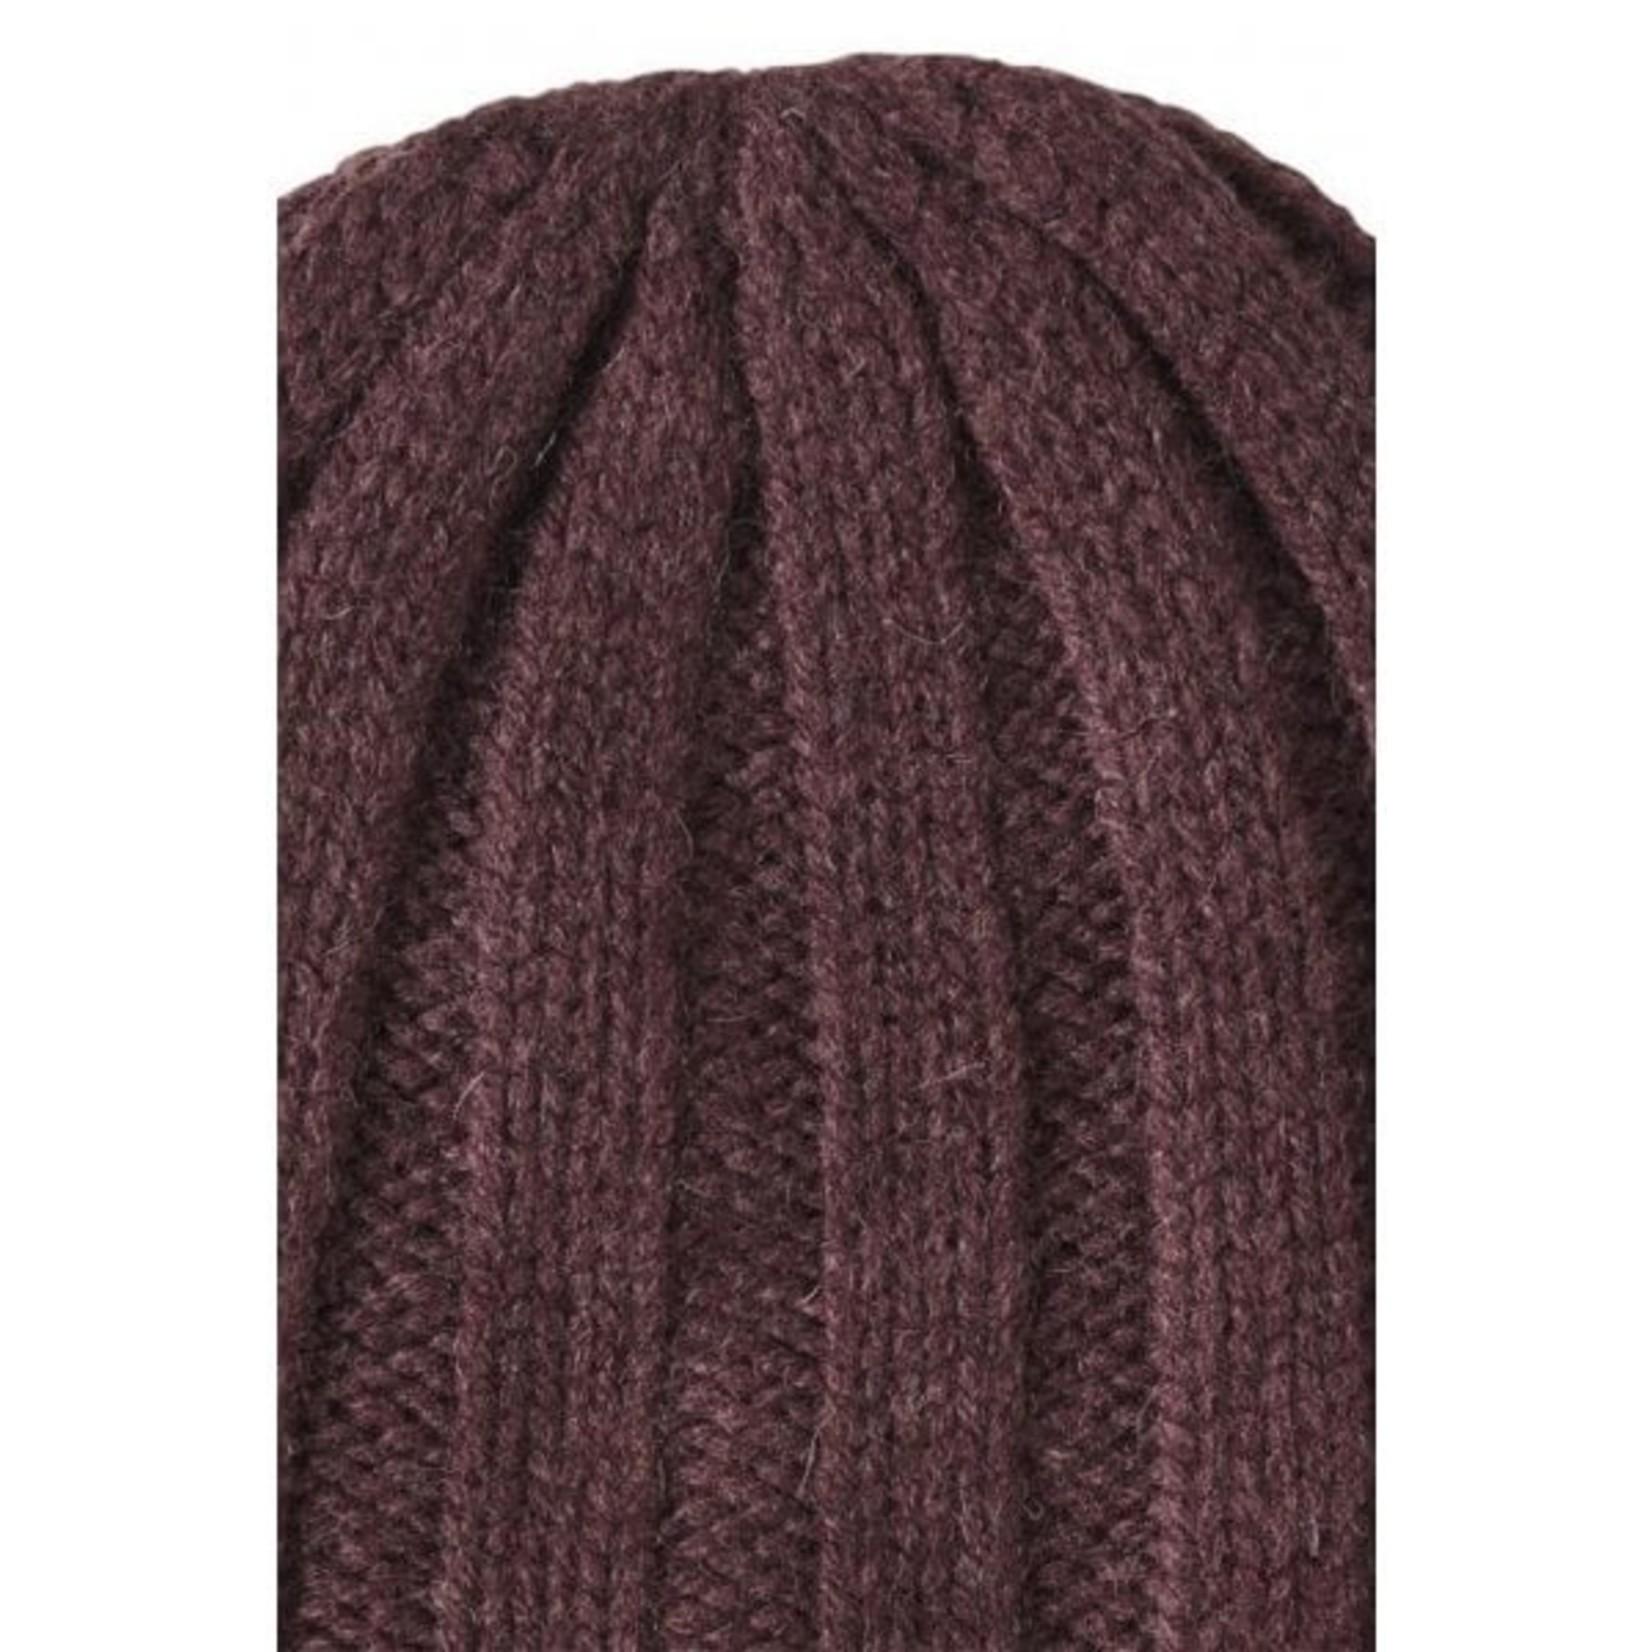 Blend Blend 20709483 Wool Toque - Deep Red